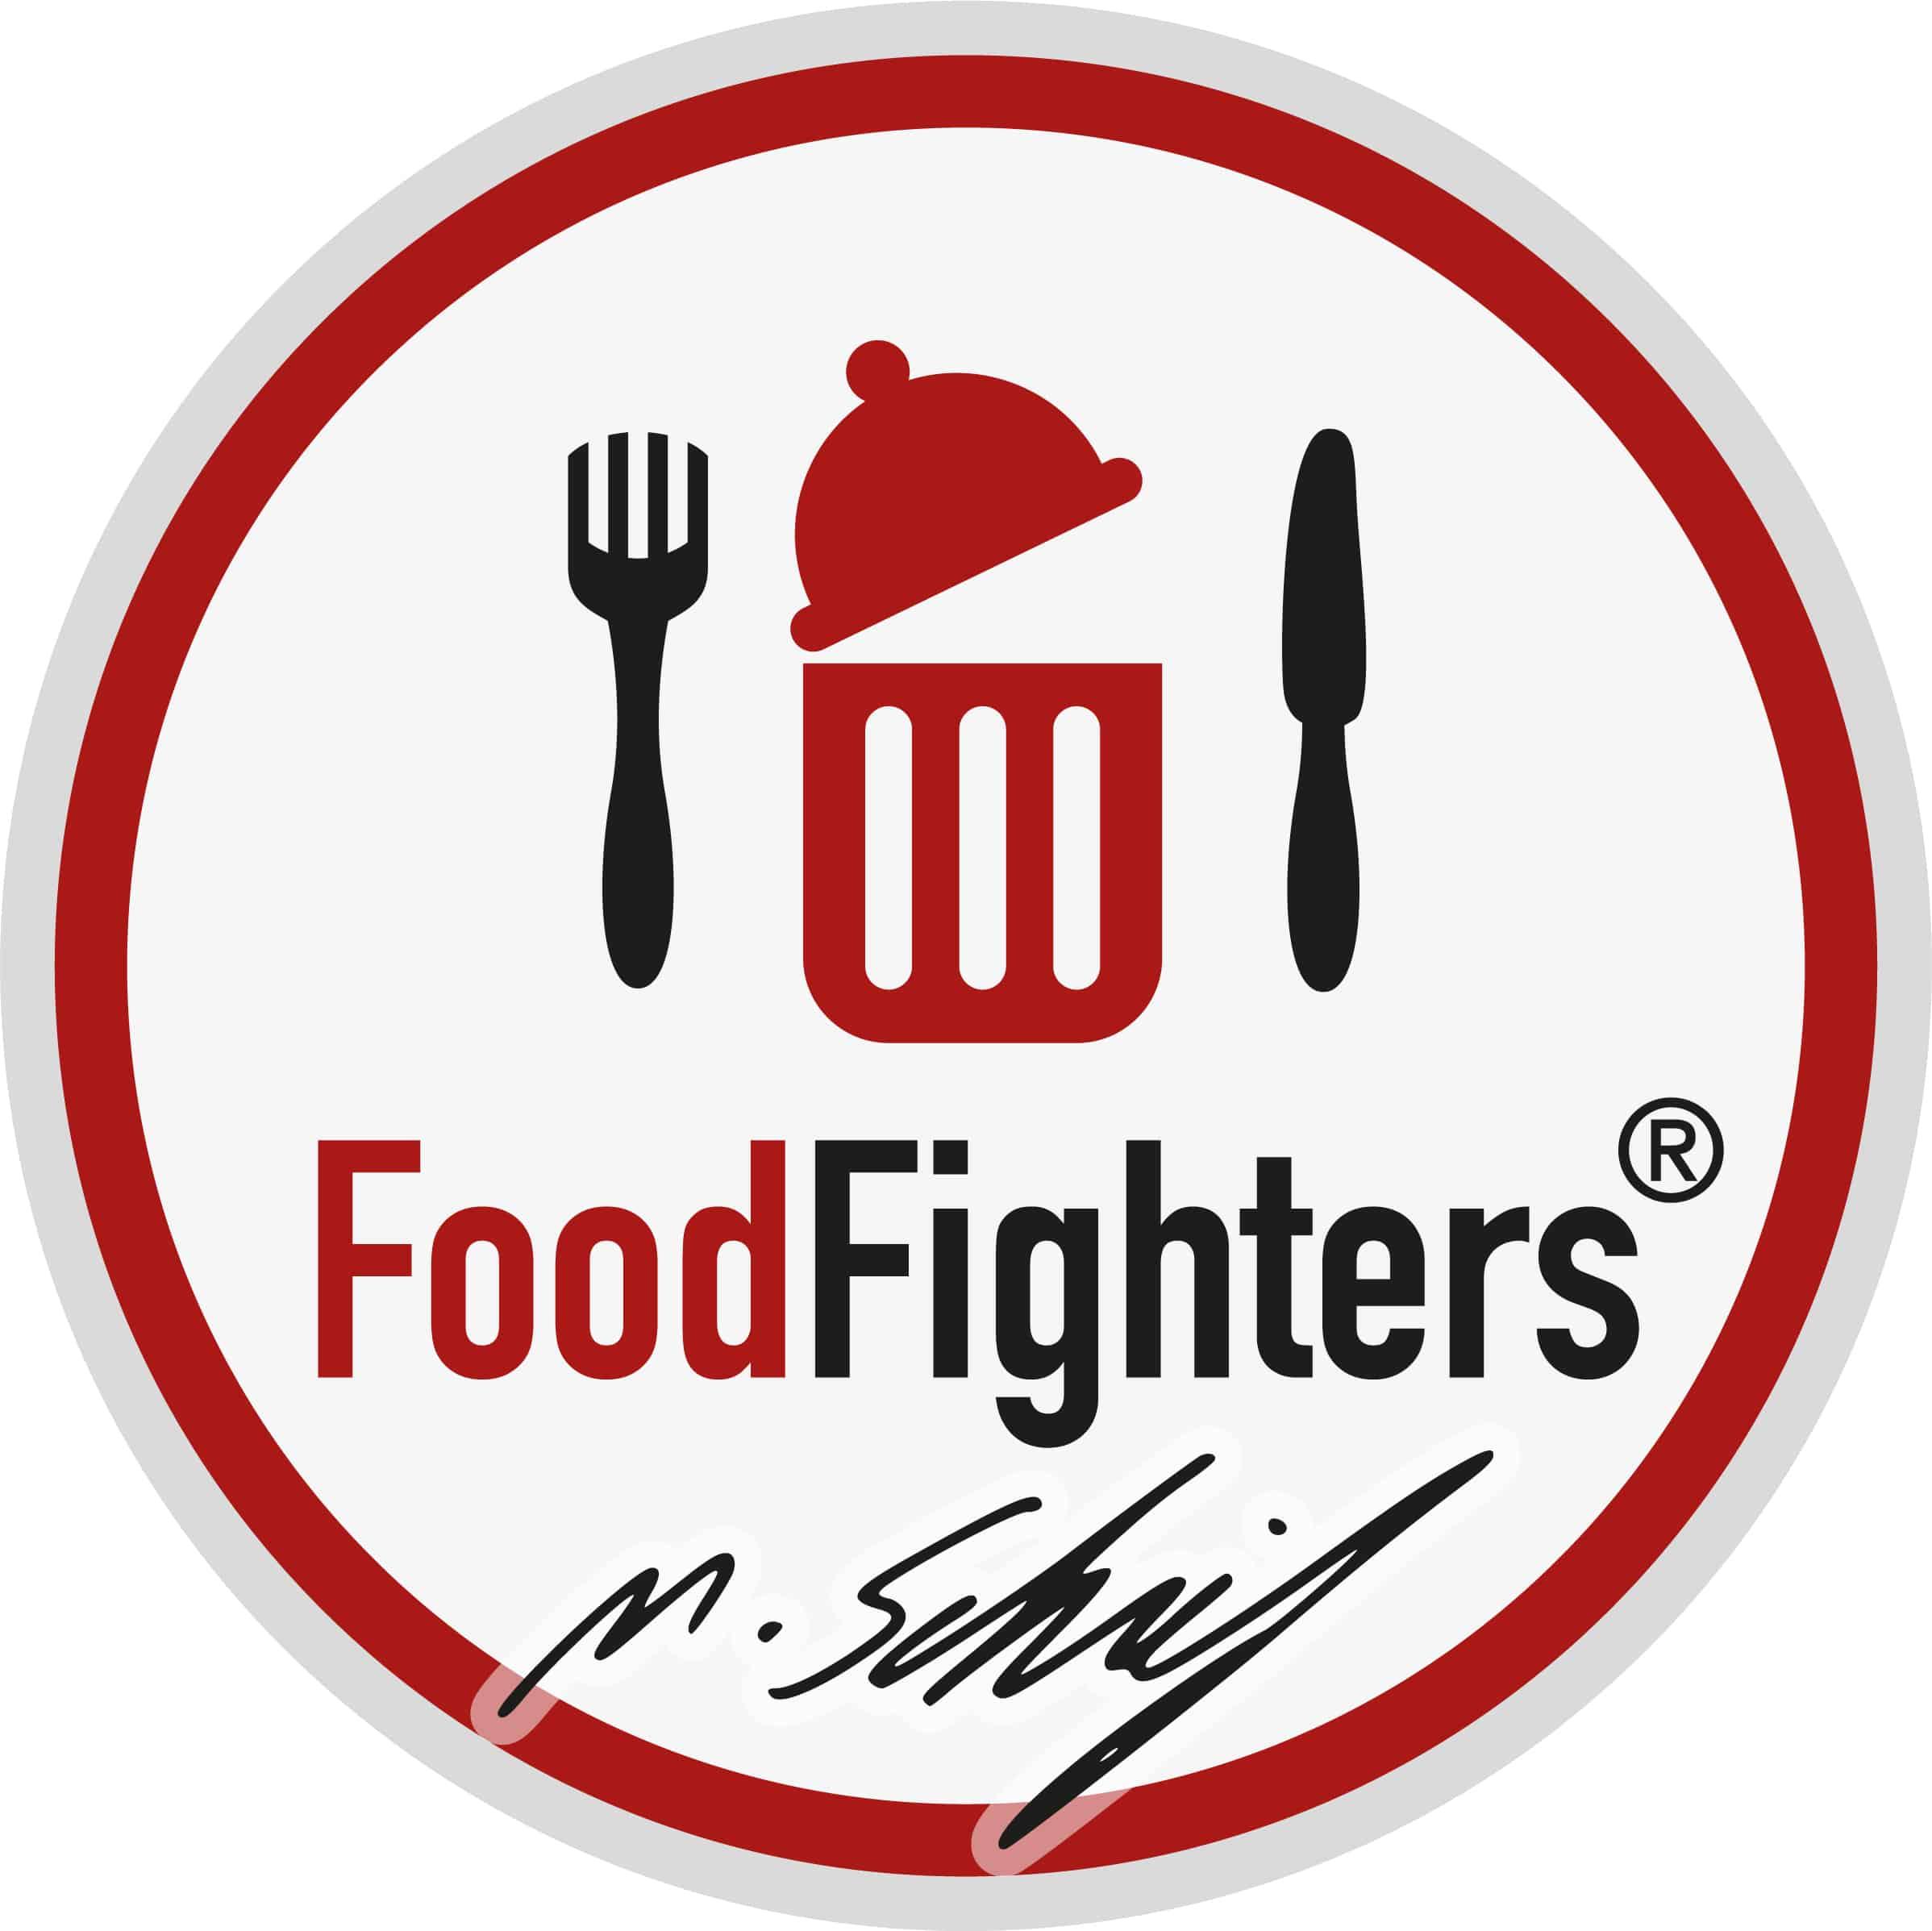 FoodFighters Weihnachtsaktion für Bedürftige, Wohnungslose und insbesondere für Familien und Kinder am 23.12.2020